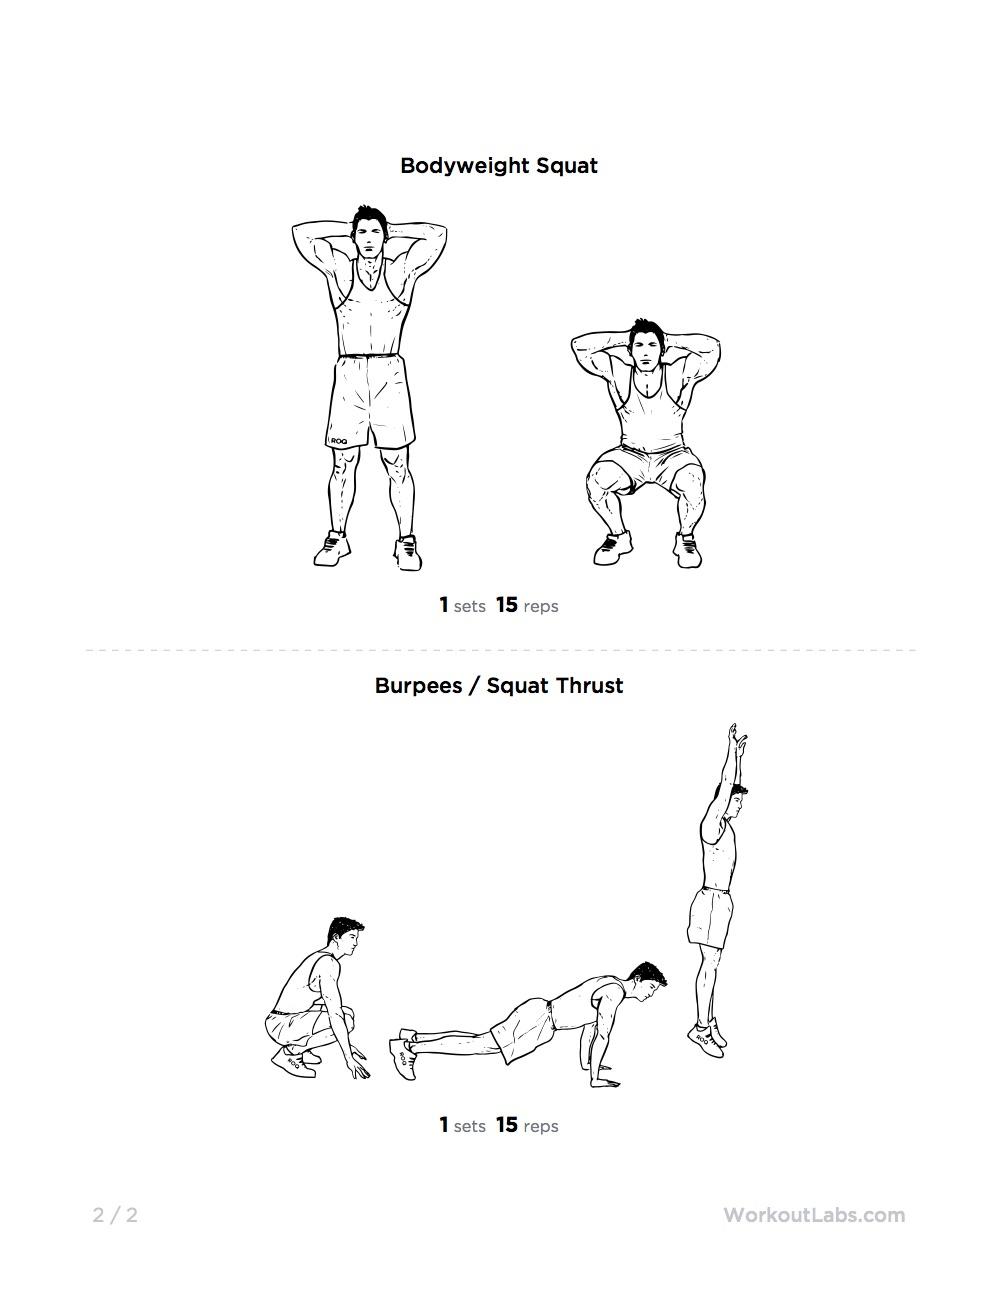 15-Minute Full Body Burner at Home Workout for Men & Women